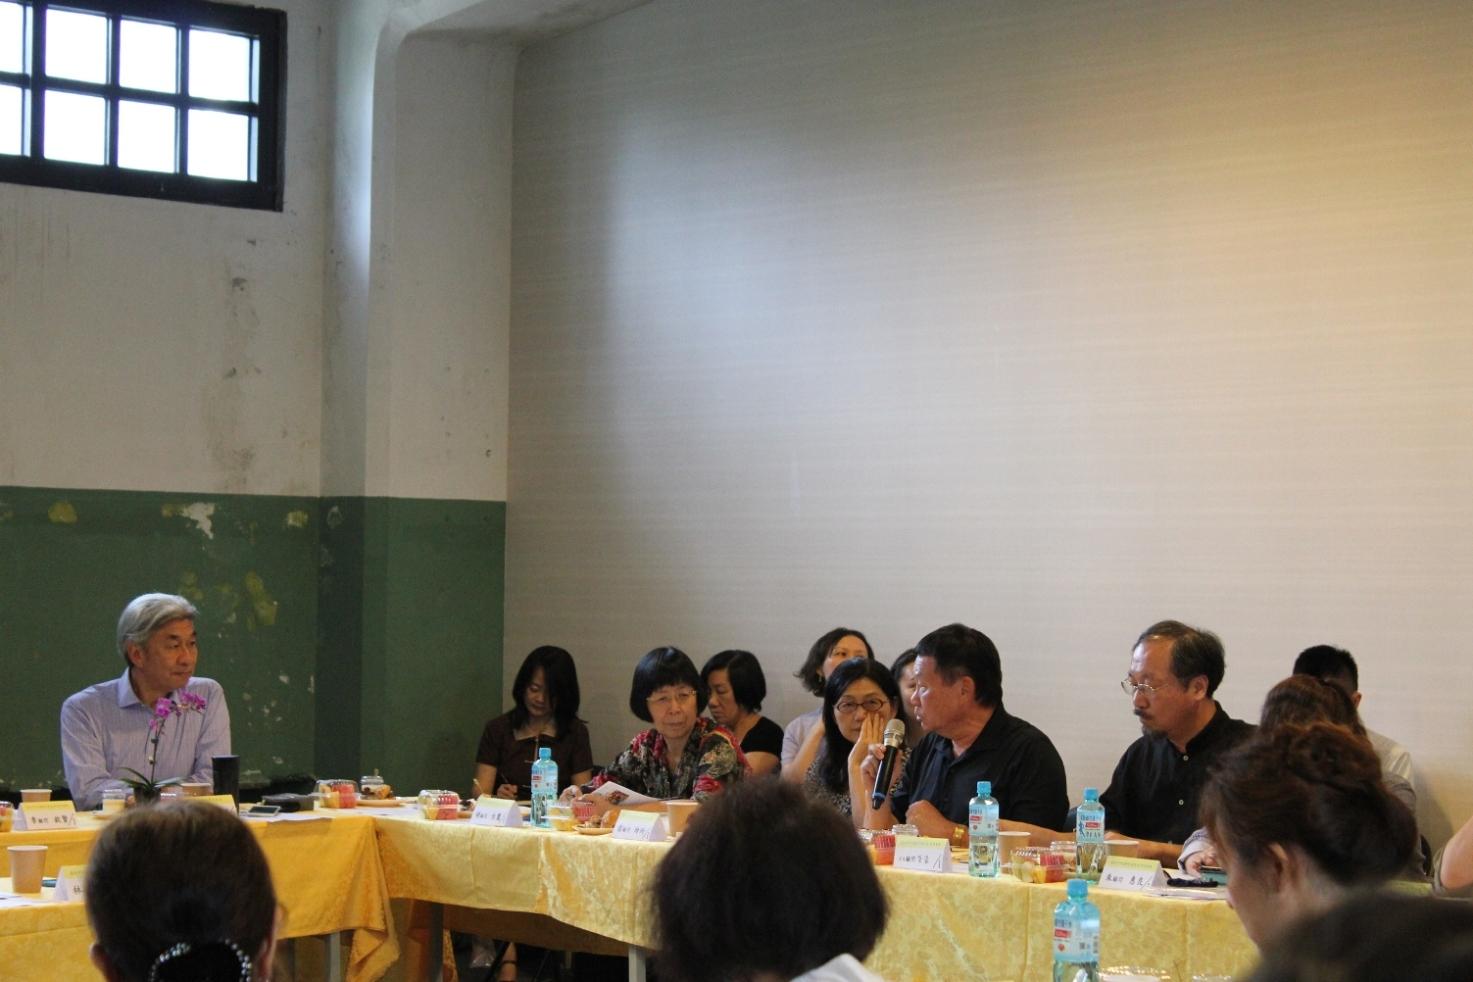 臺北市文化局局長倪重華(左)聆聽市政顧問的建議